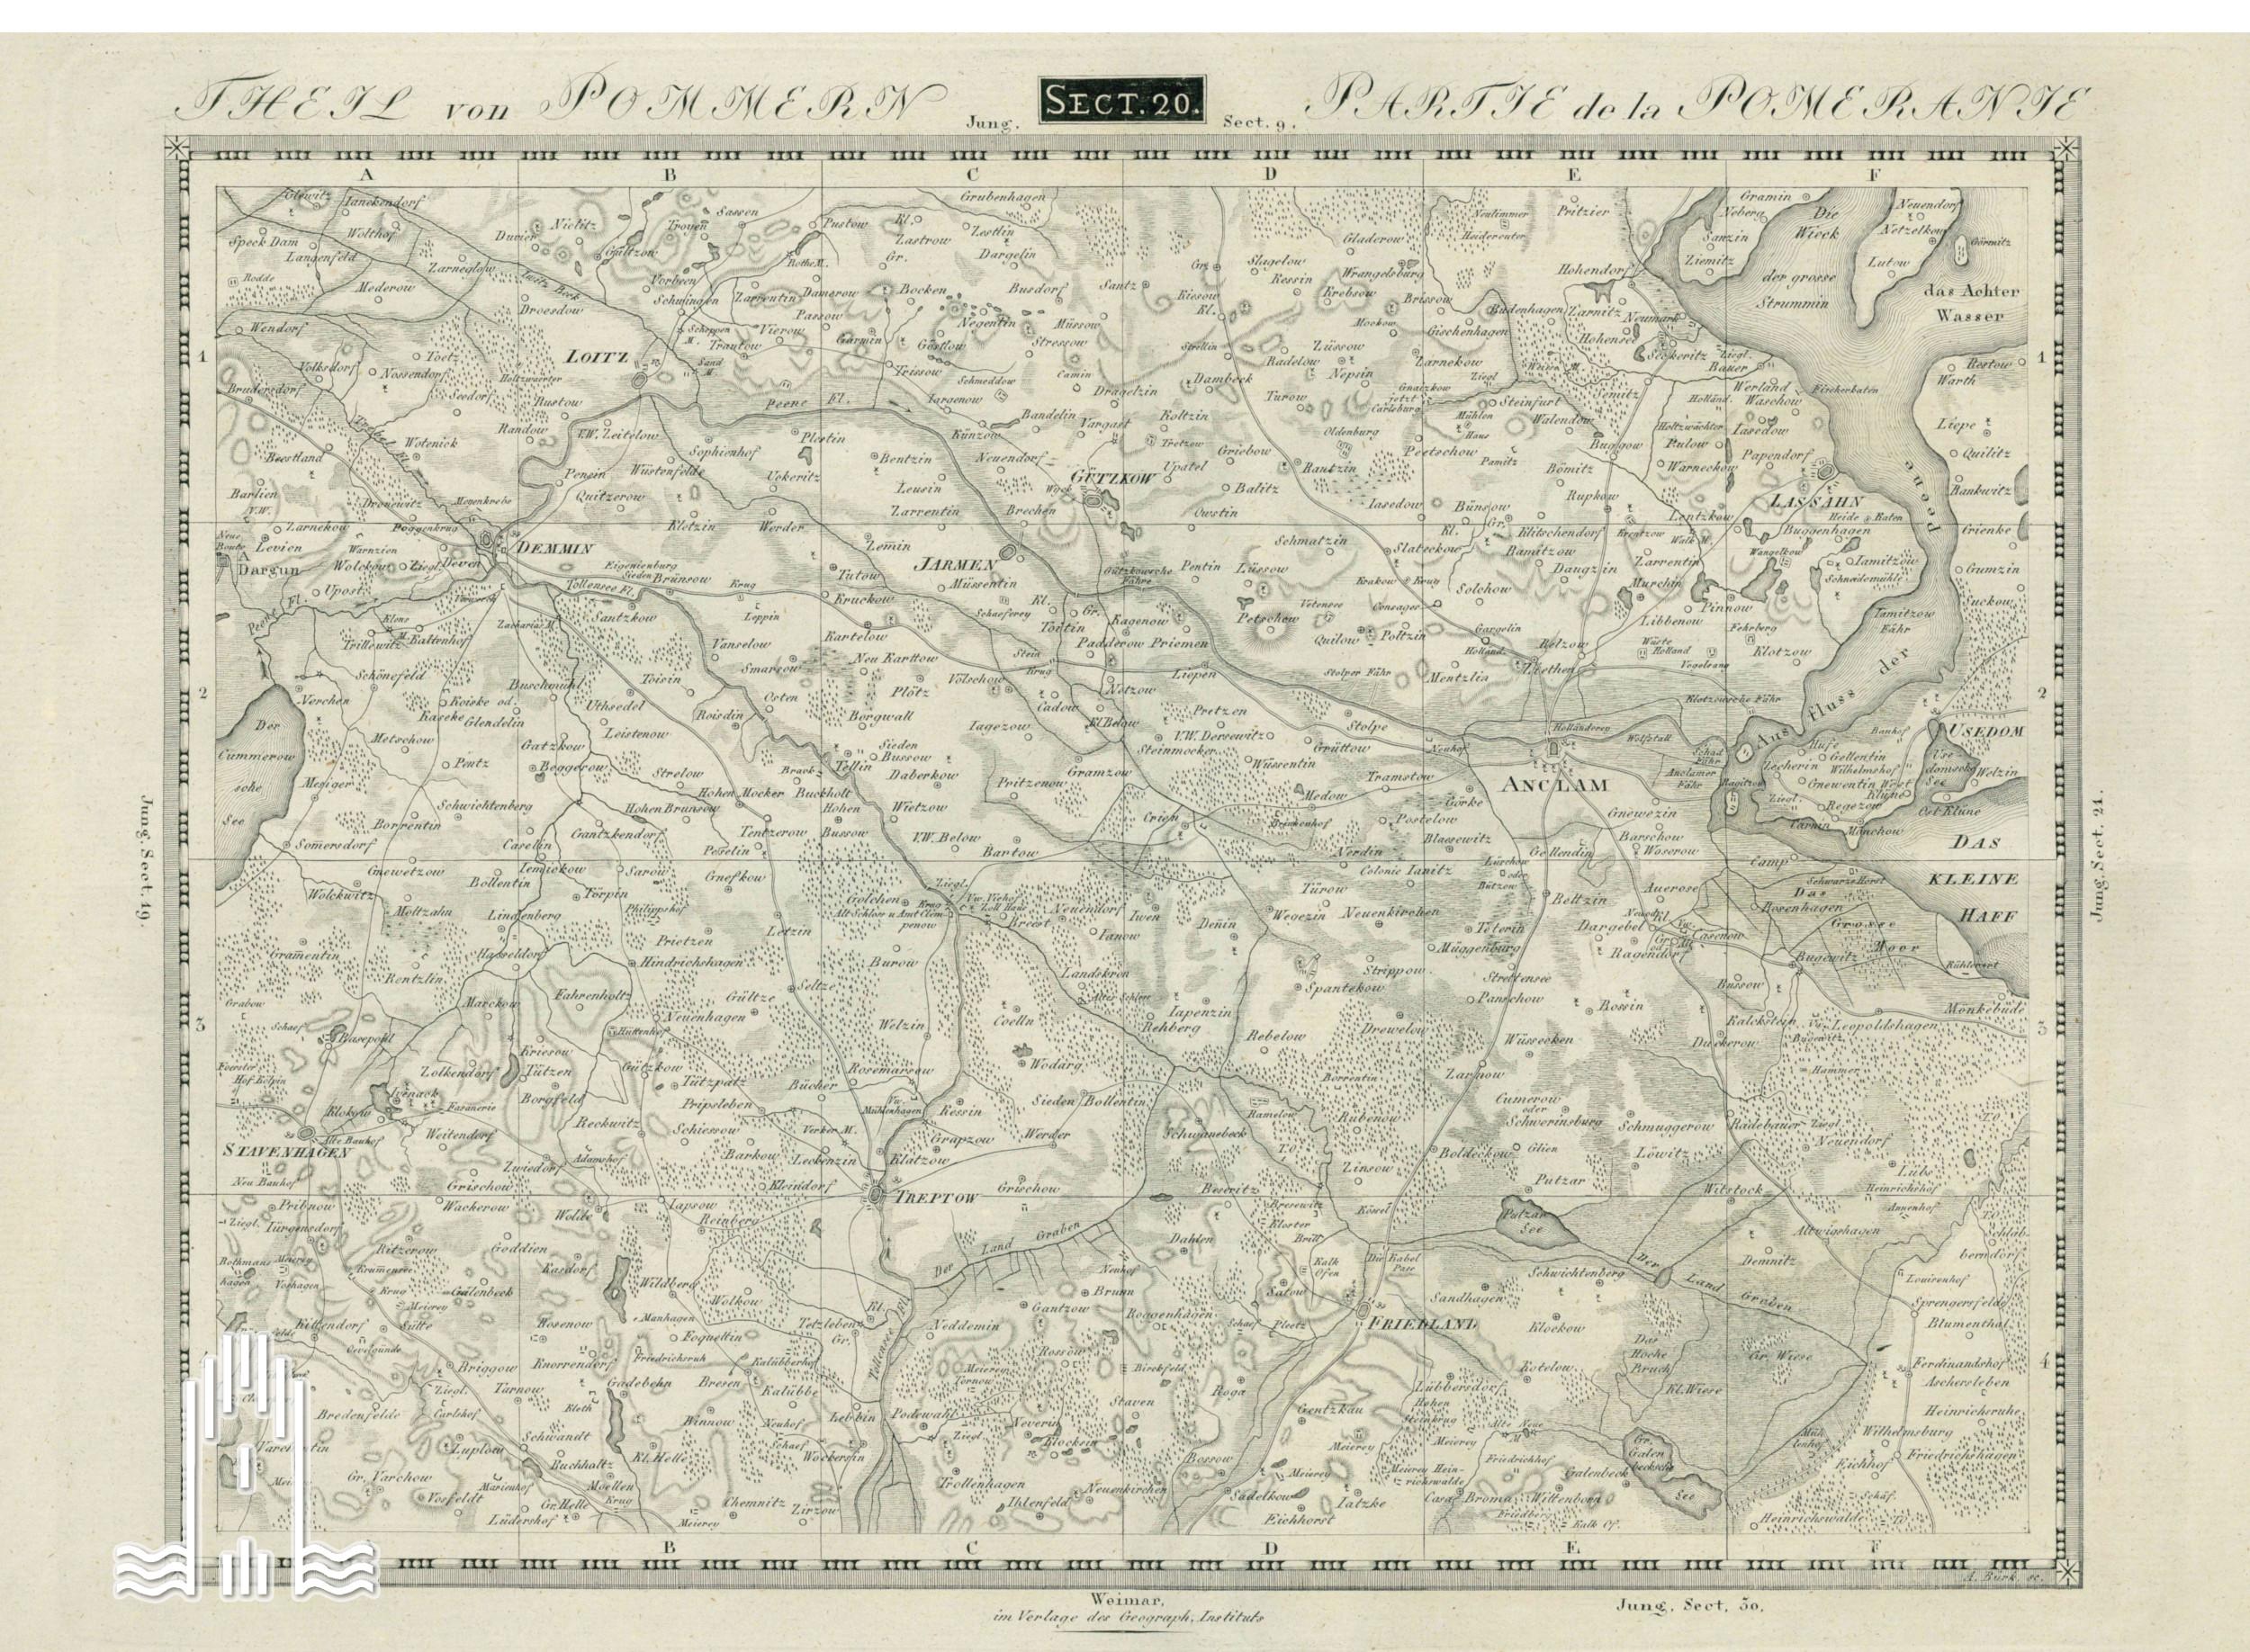 Landkarte von Anklam und Umgebung 1820